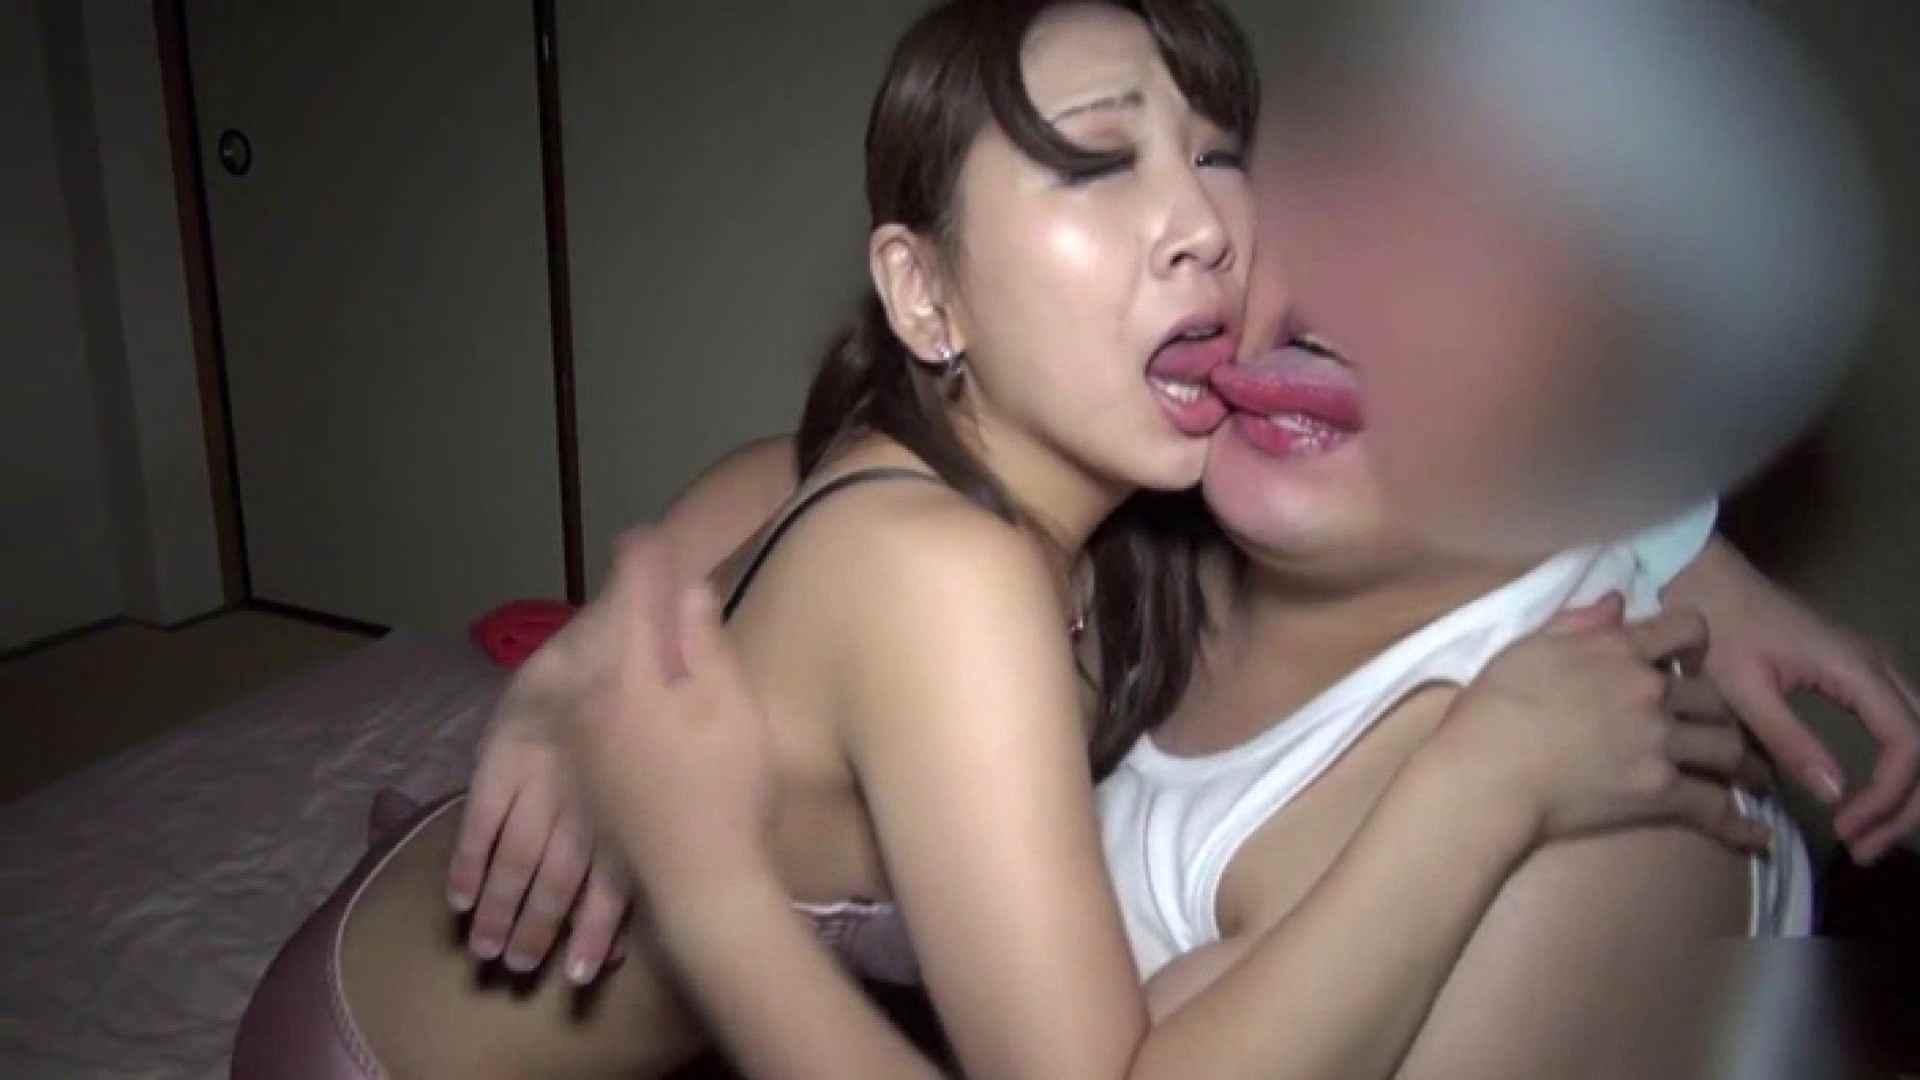 おしえてギャル子のH塾 Vol.04 前編 ローター技  47連発 25